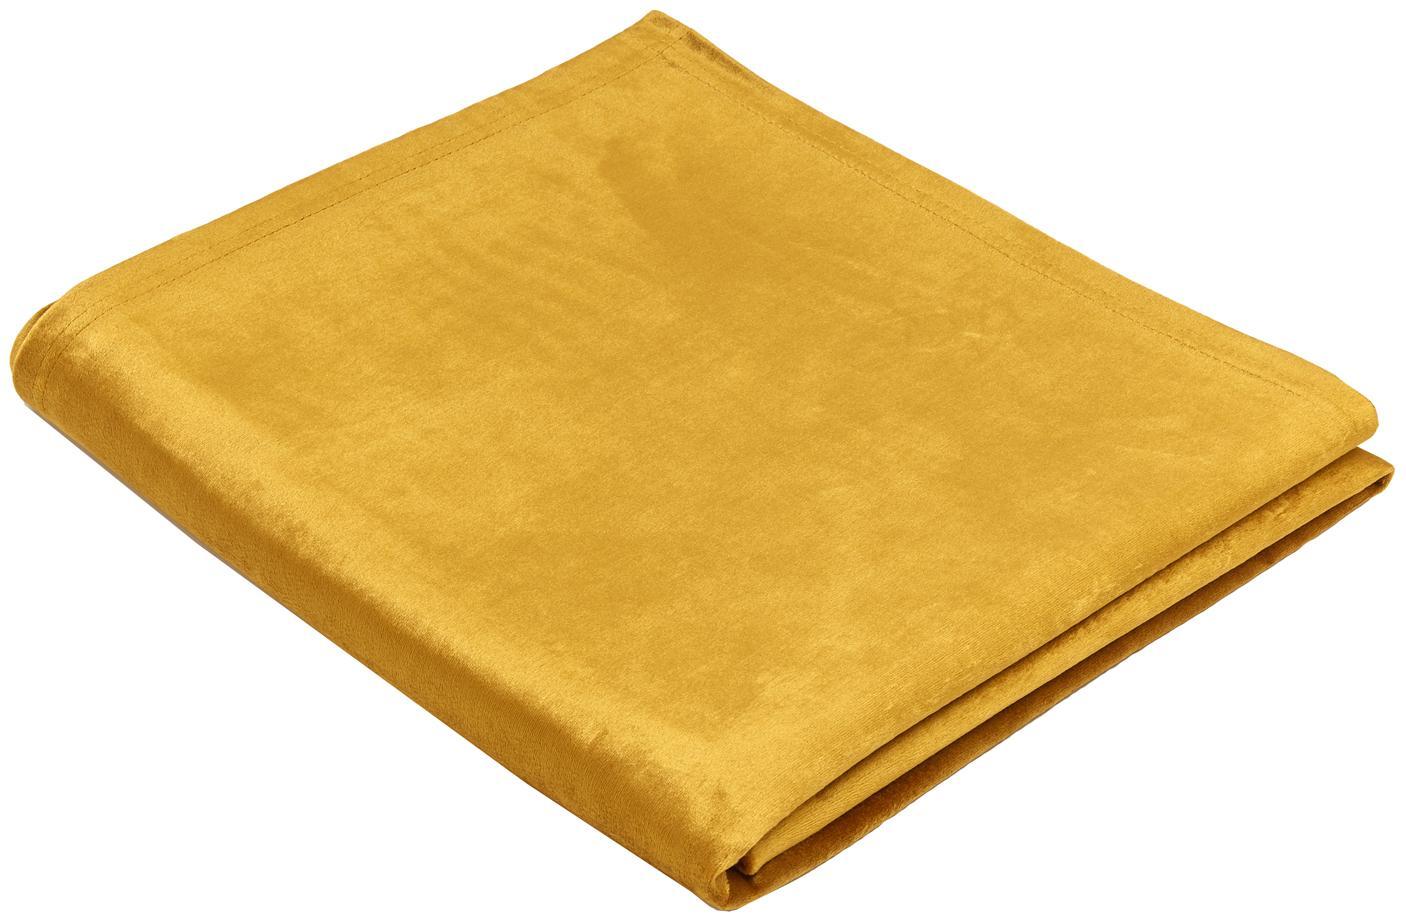 Tovaglia in velluto Simone, Velluto di poliestere, Giallo senape, Per 4-6 persone  (Larg. 140 x Lung. 200 cm)